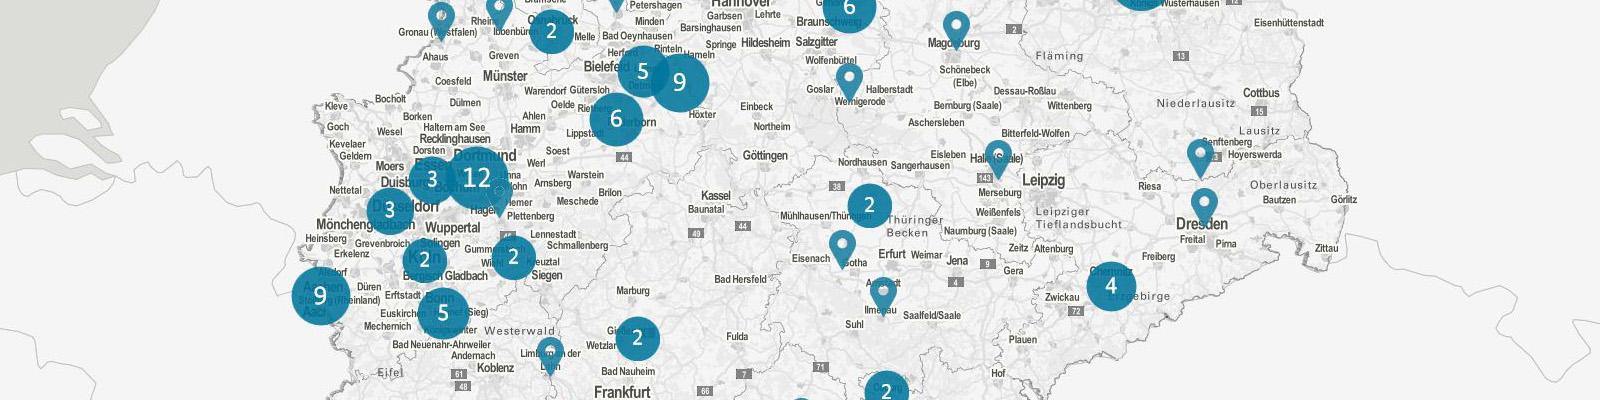 Landkarte Industrie 4.0